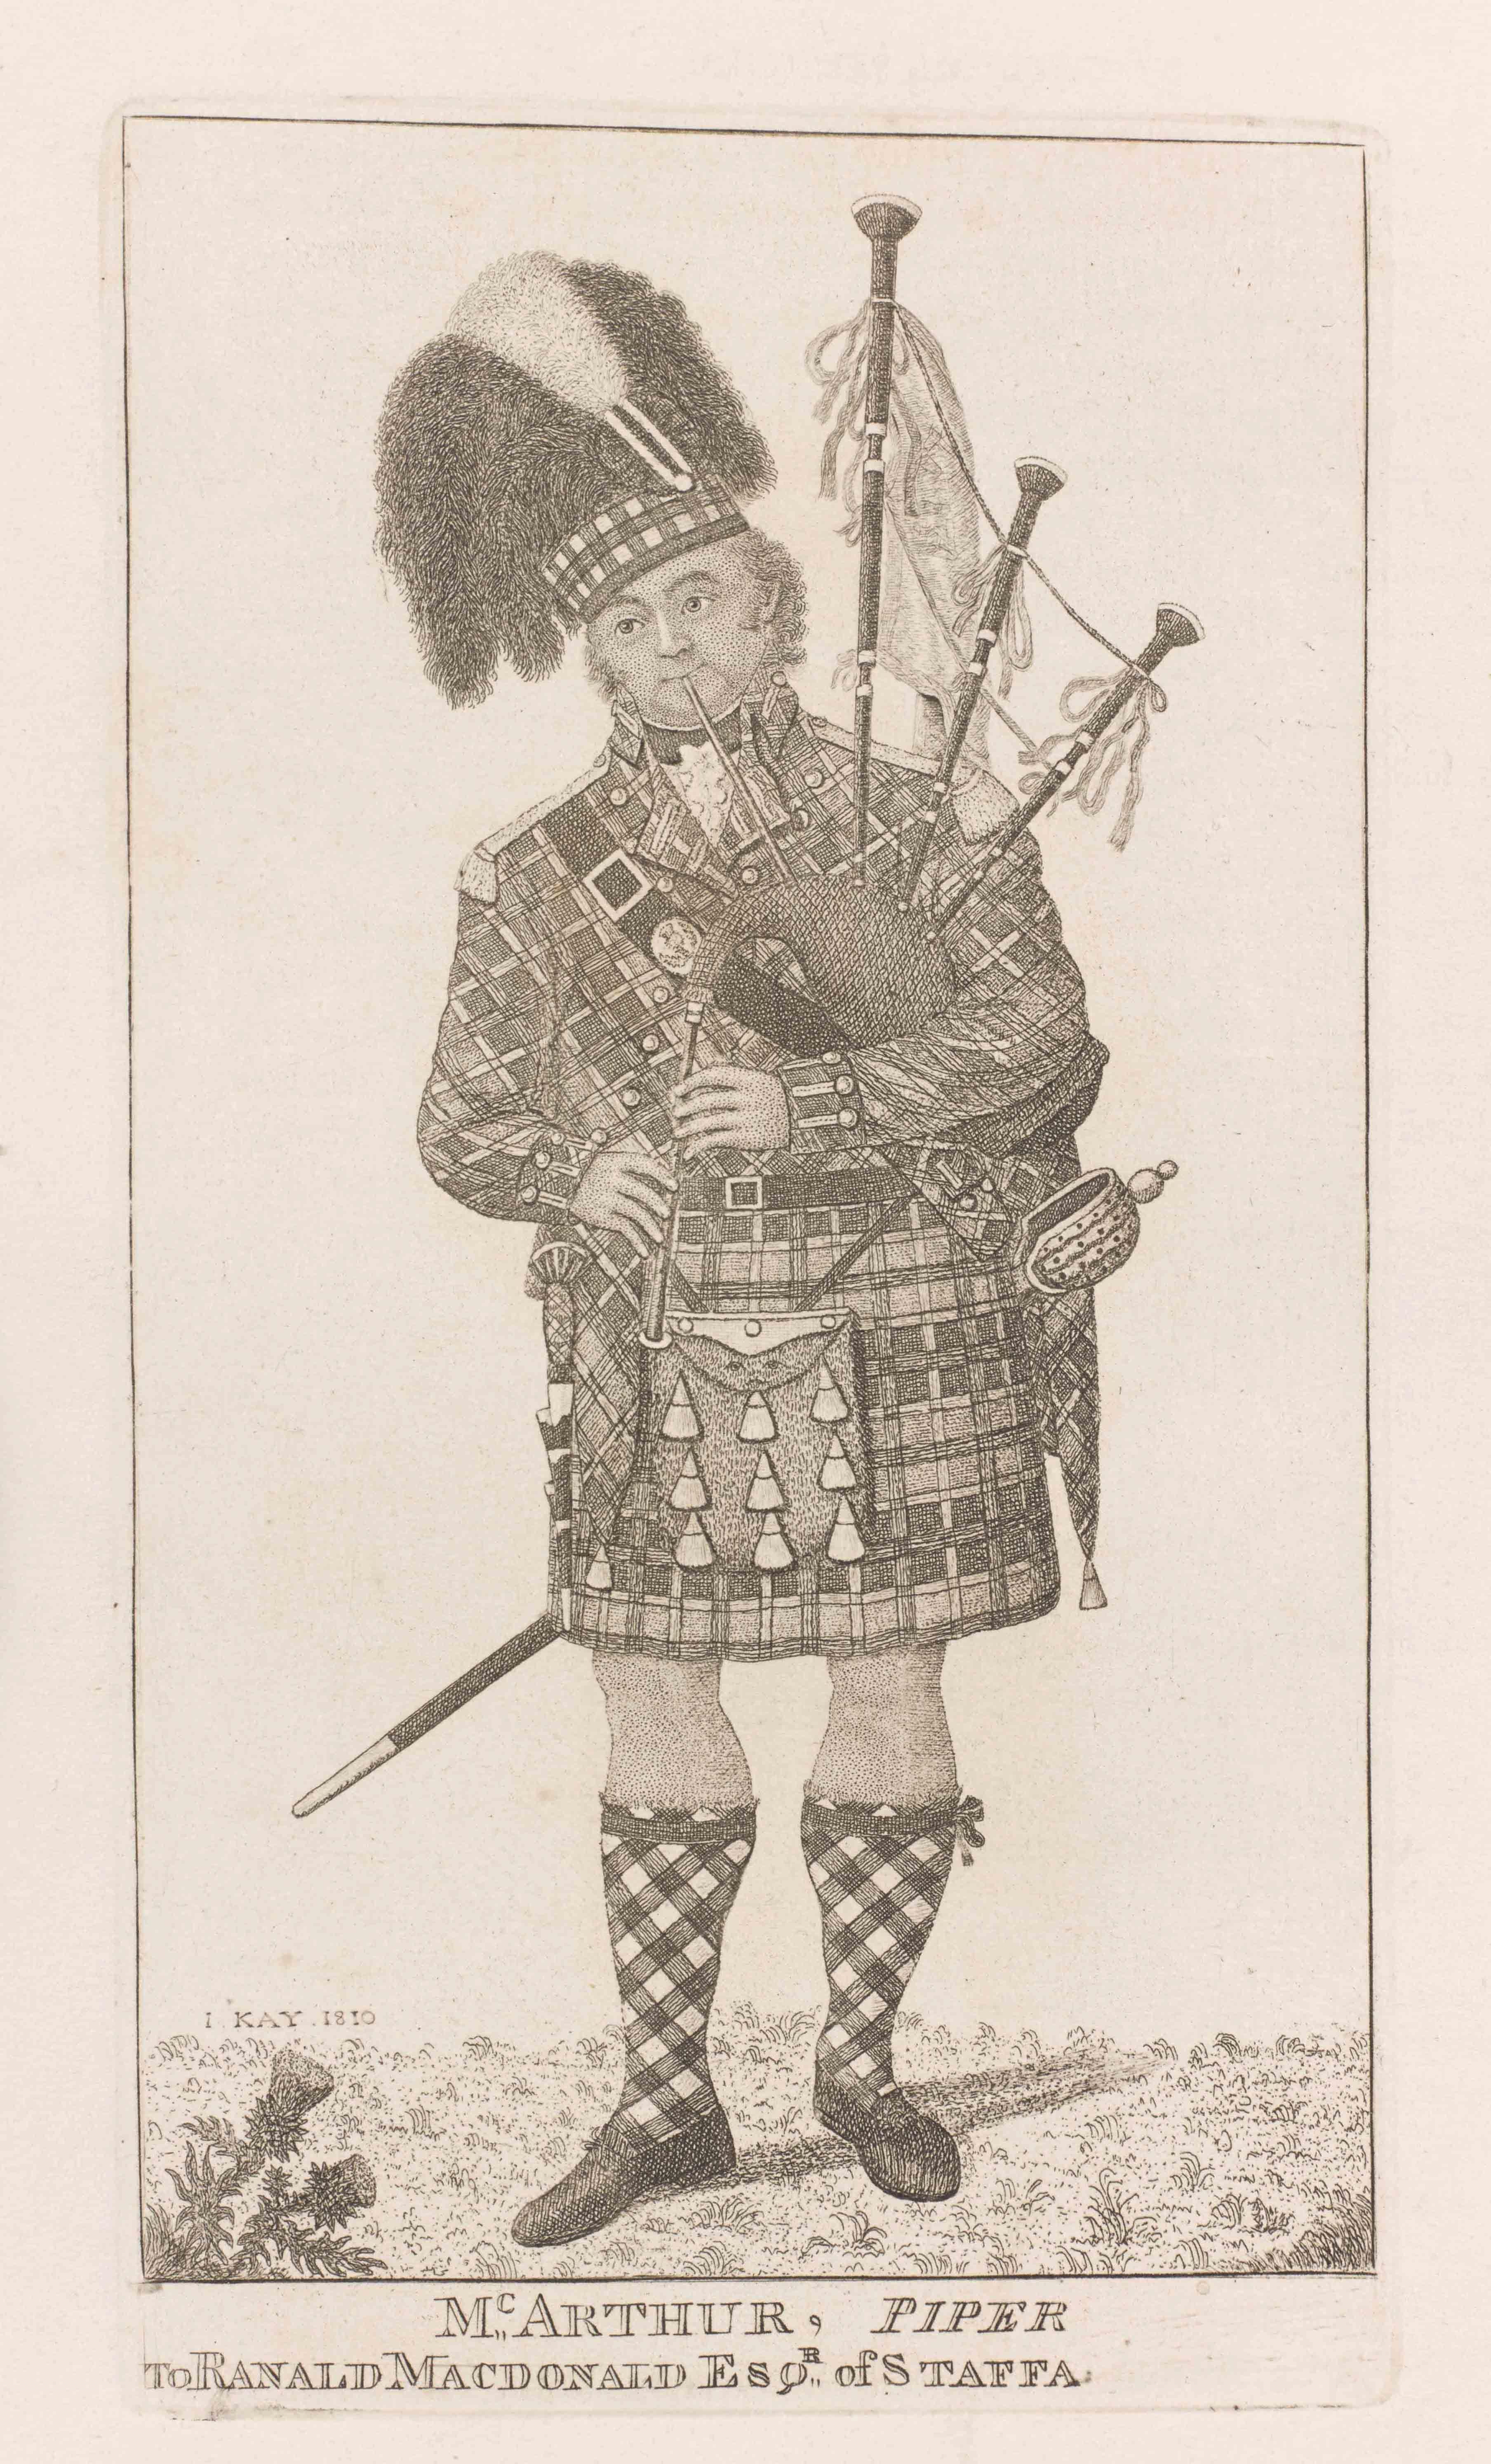 ジョン・ケイ 《バグパイパー アーチボルド・マッカーサー》 1810年 京都ノートルダム女子大学 図書館情報センター蔵